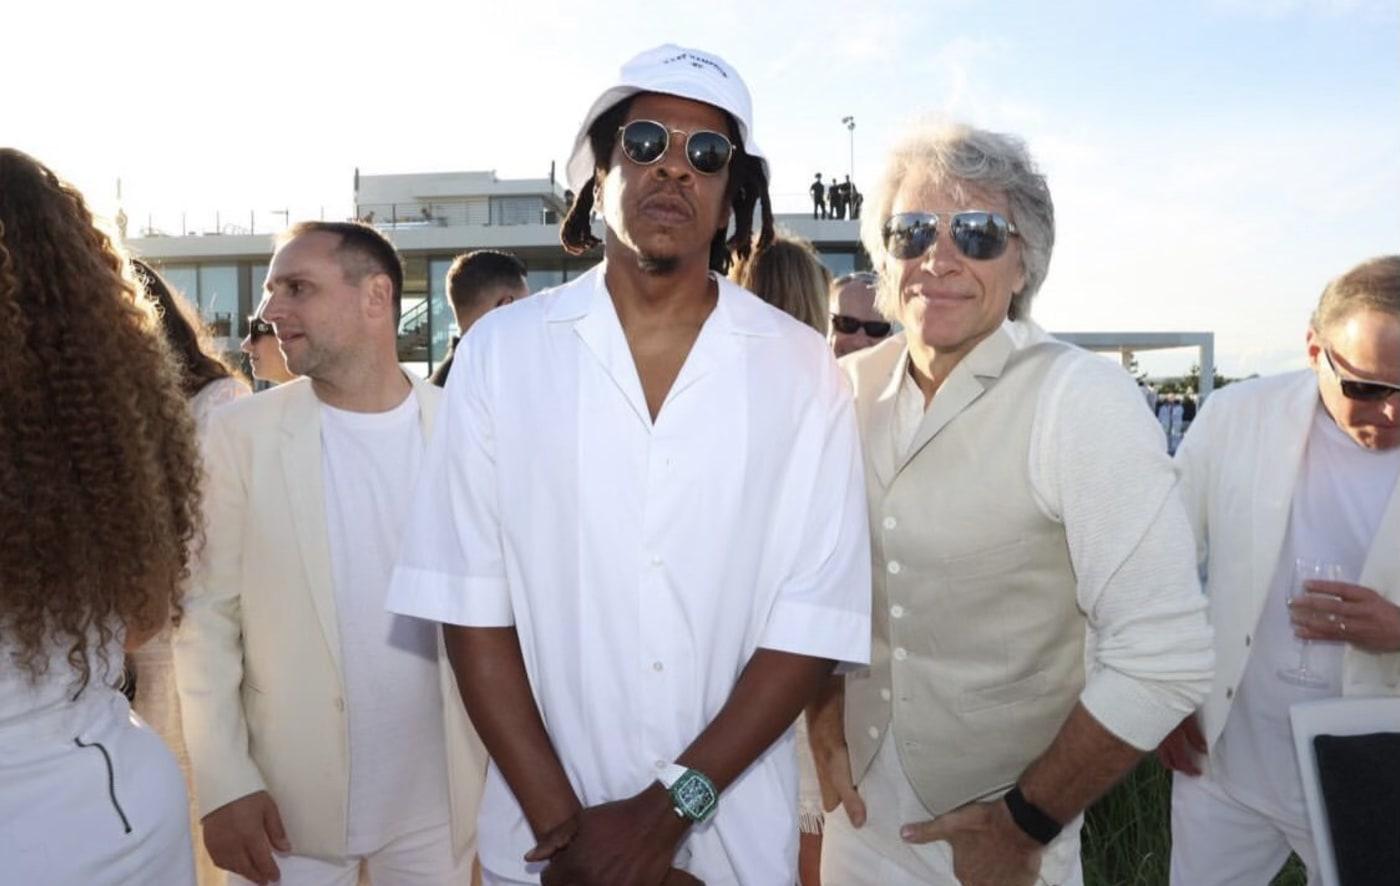 Jay-Z and Jon Bon Jovi